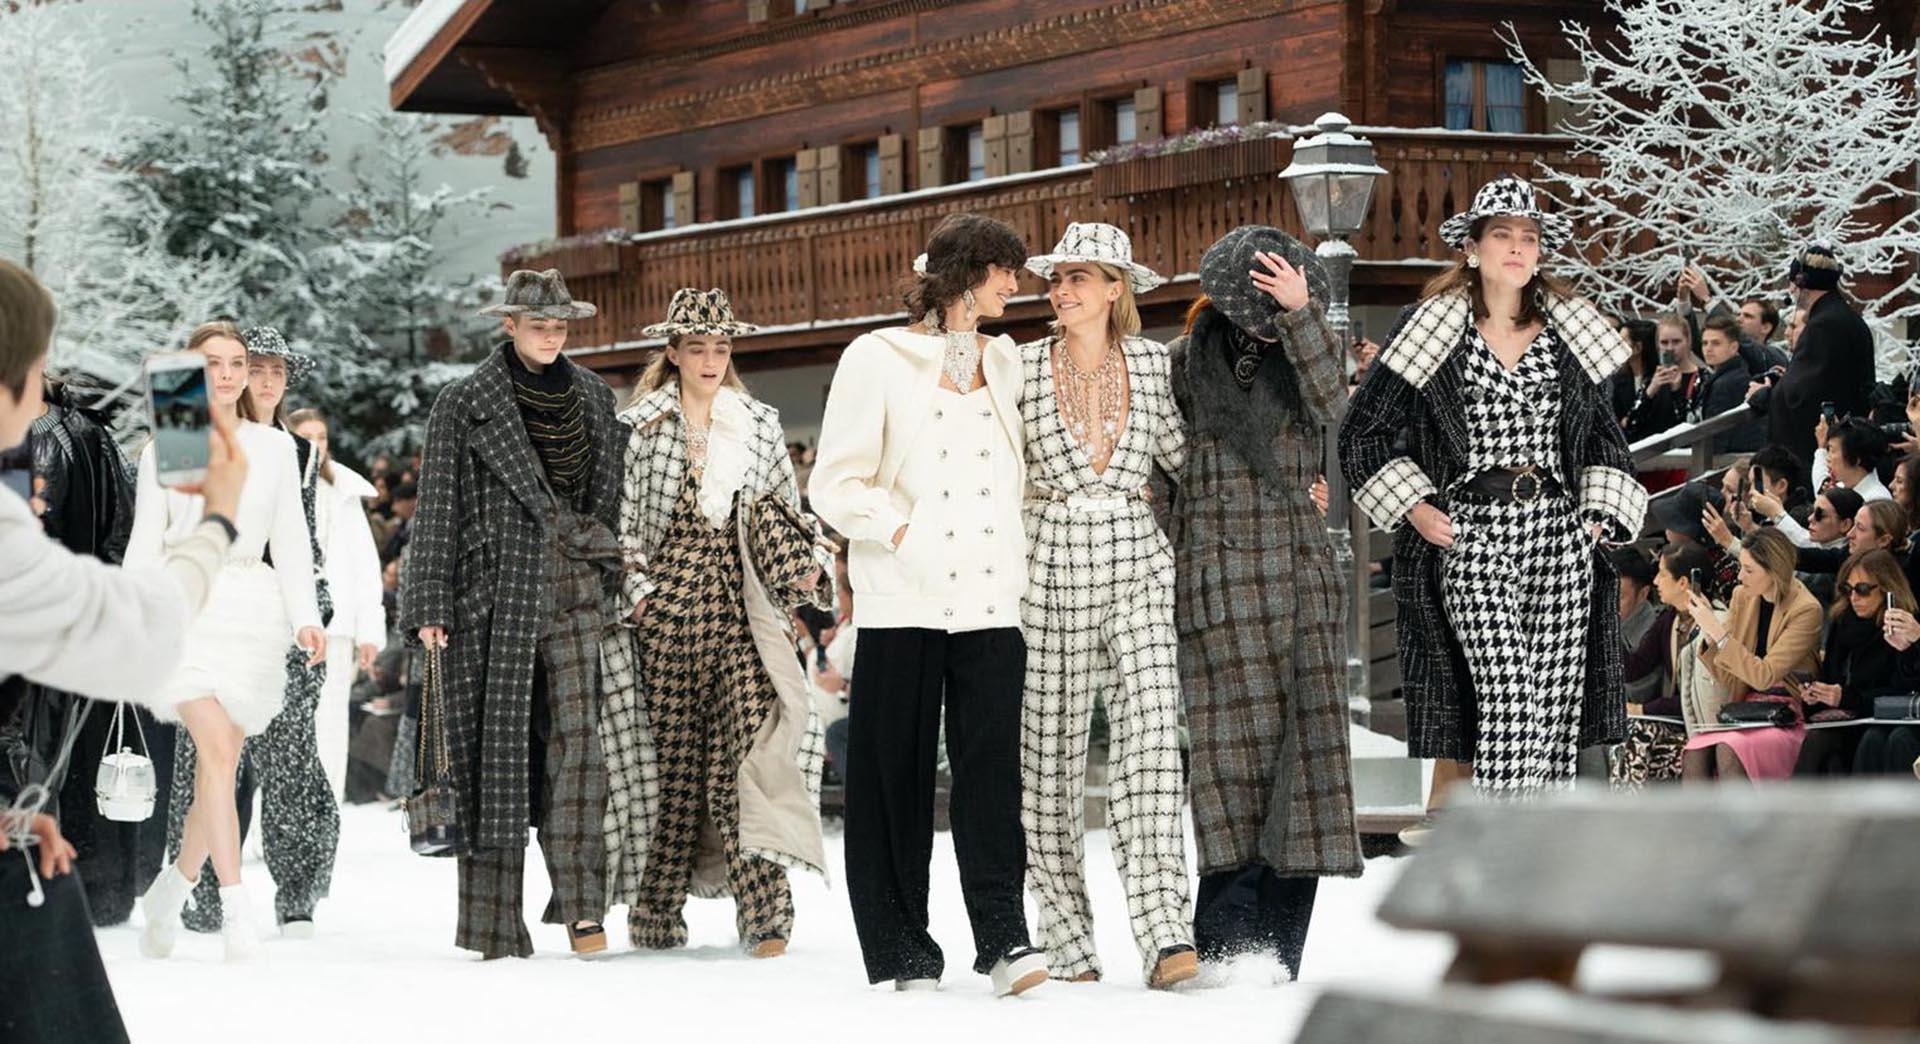 Virginie Viard se lució como la heredera de Karl Lagerfeld en el desfile de Chanel.